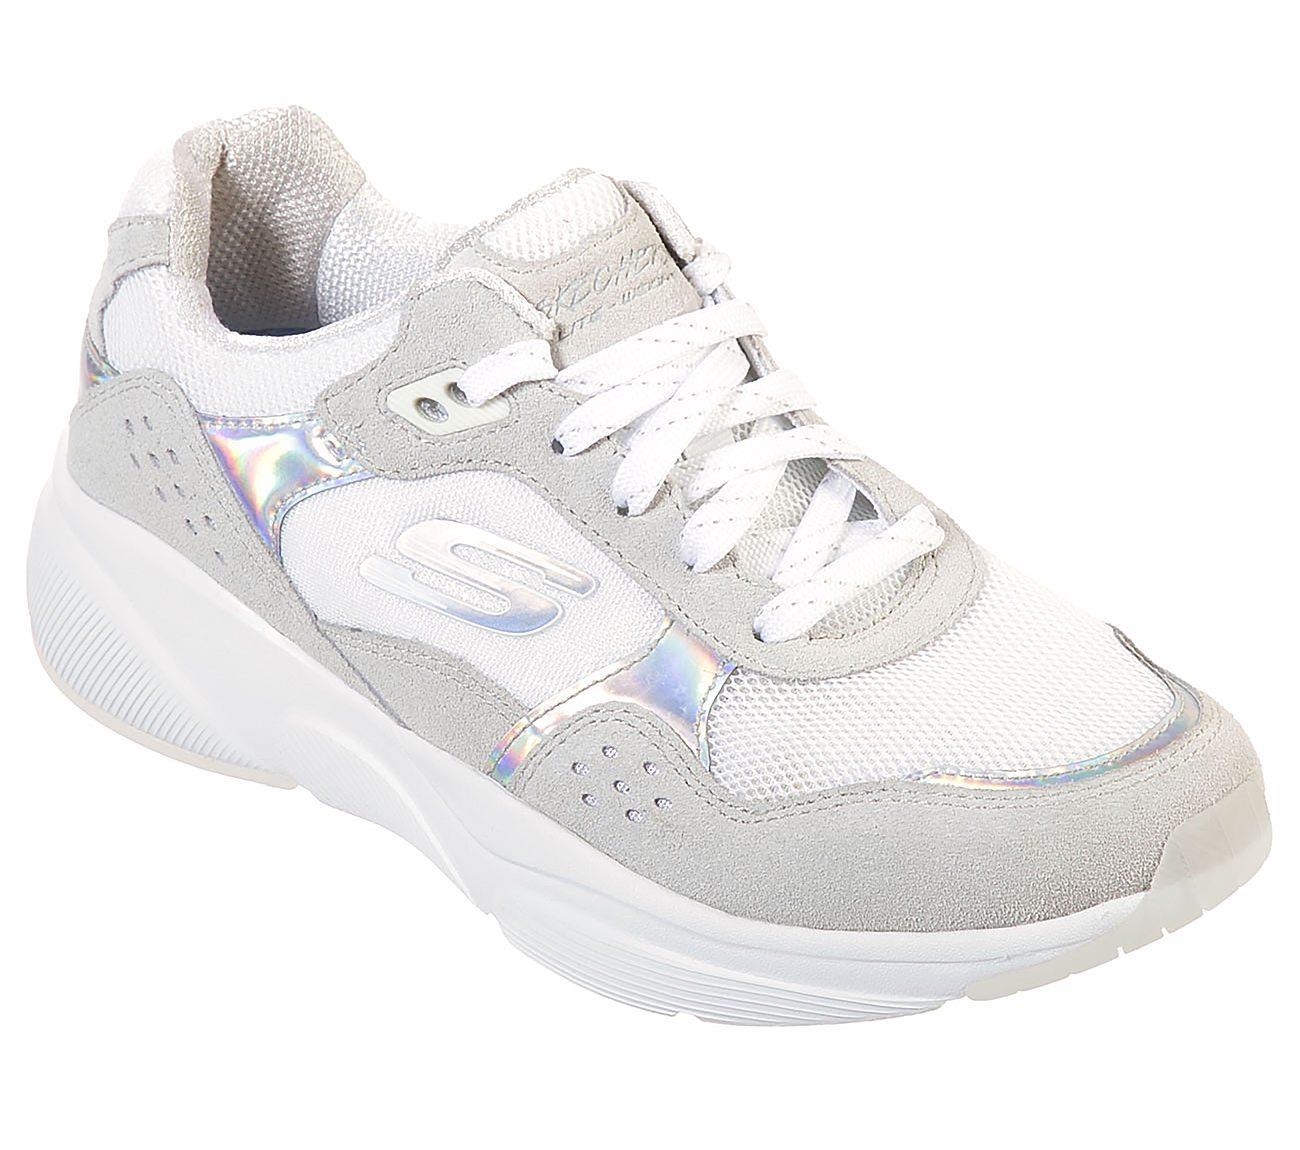 Skechers Merıdıan-No Worrıes Beyaz Bayan Ayakkabısı SKC13020 WNT